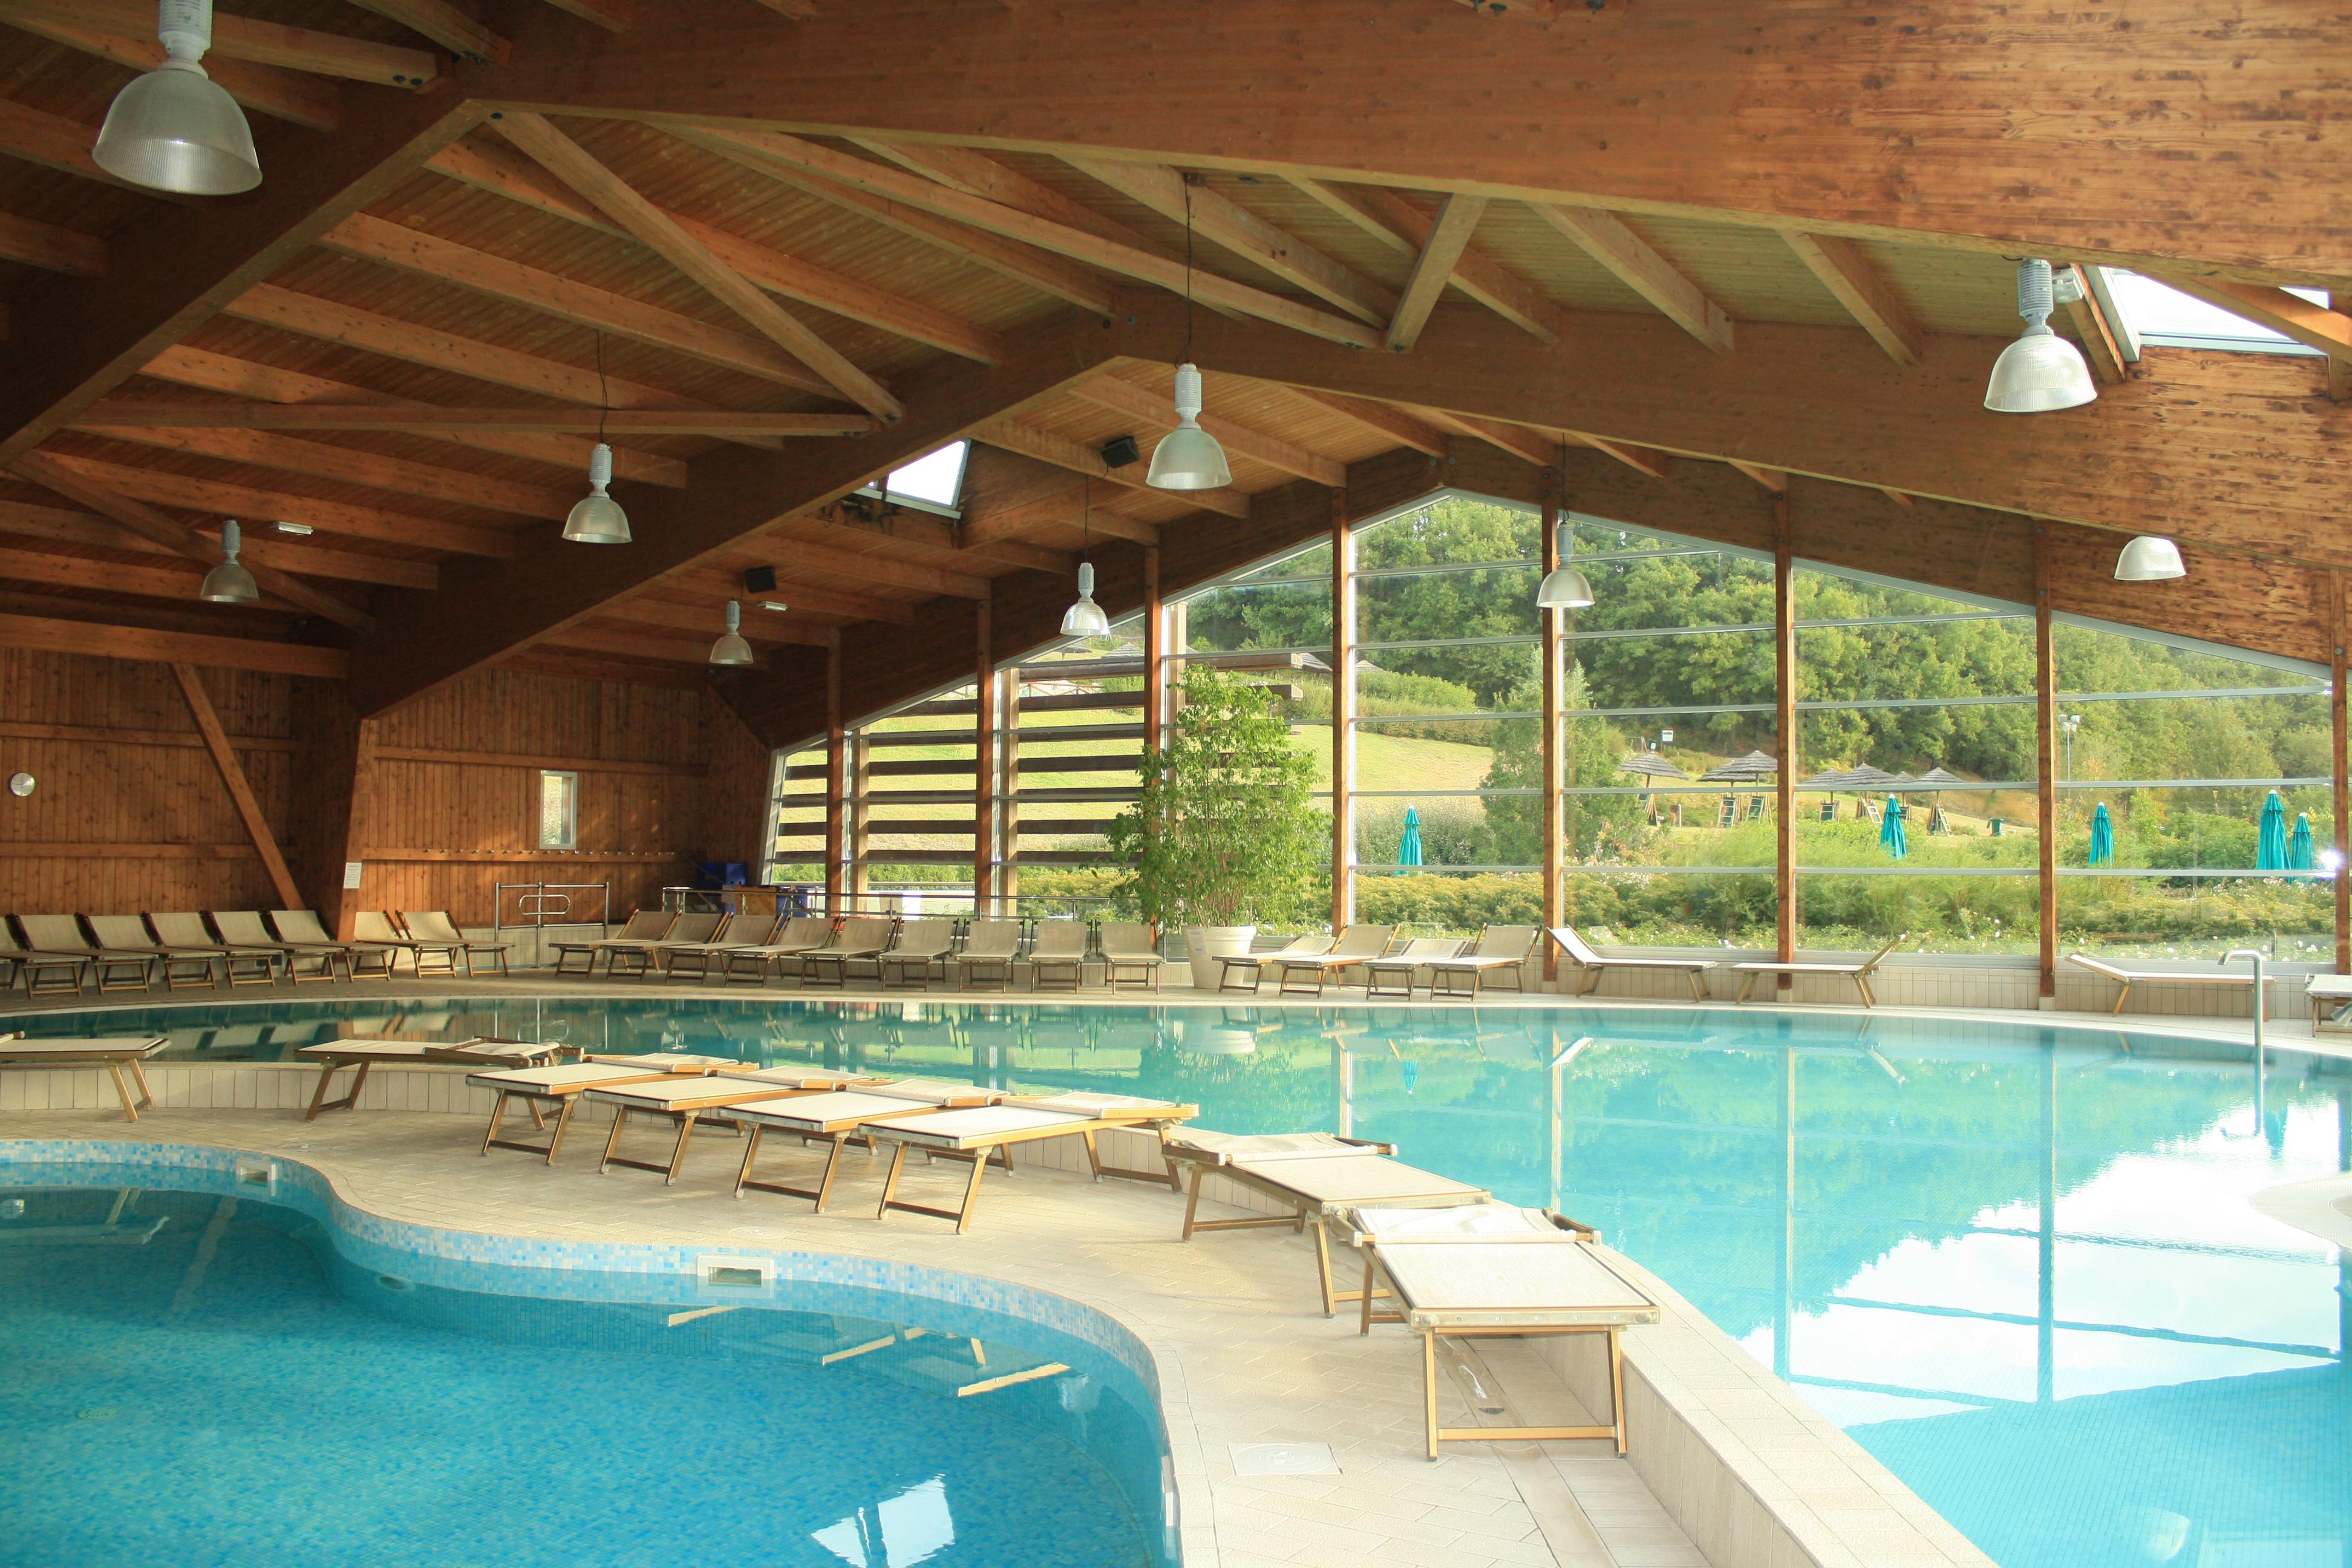 Il Villaggio Della Salute.Un Weekend Di Relax E Benessere Al Villaggio Della Salute